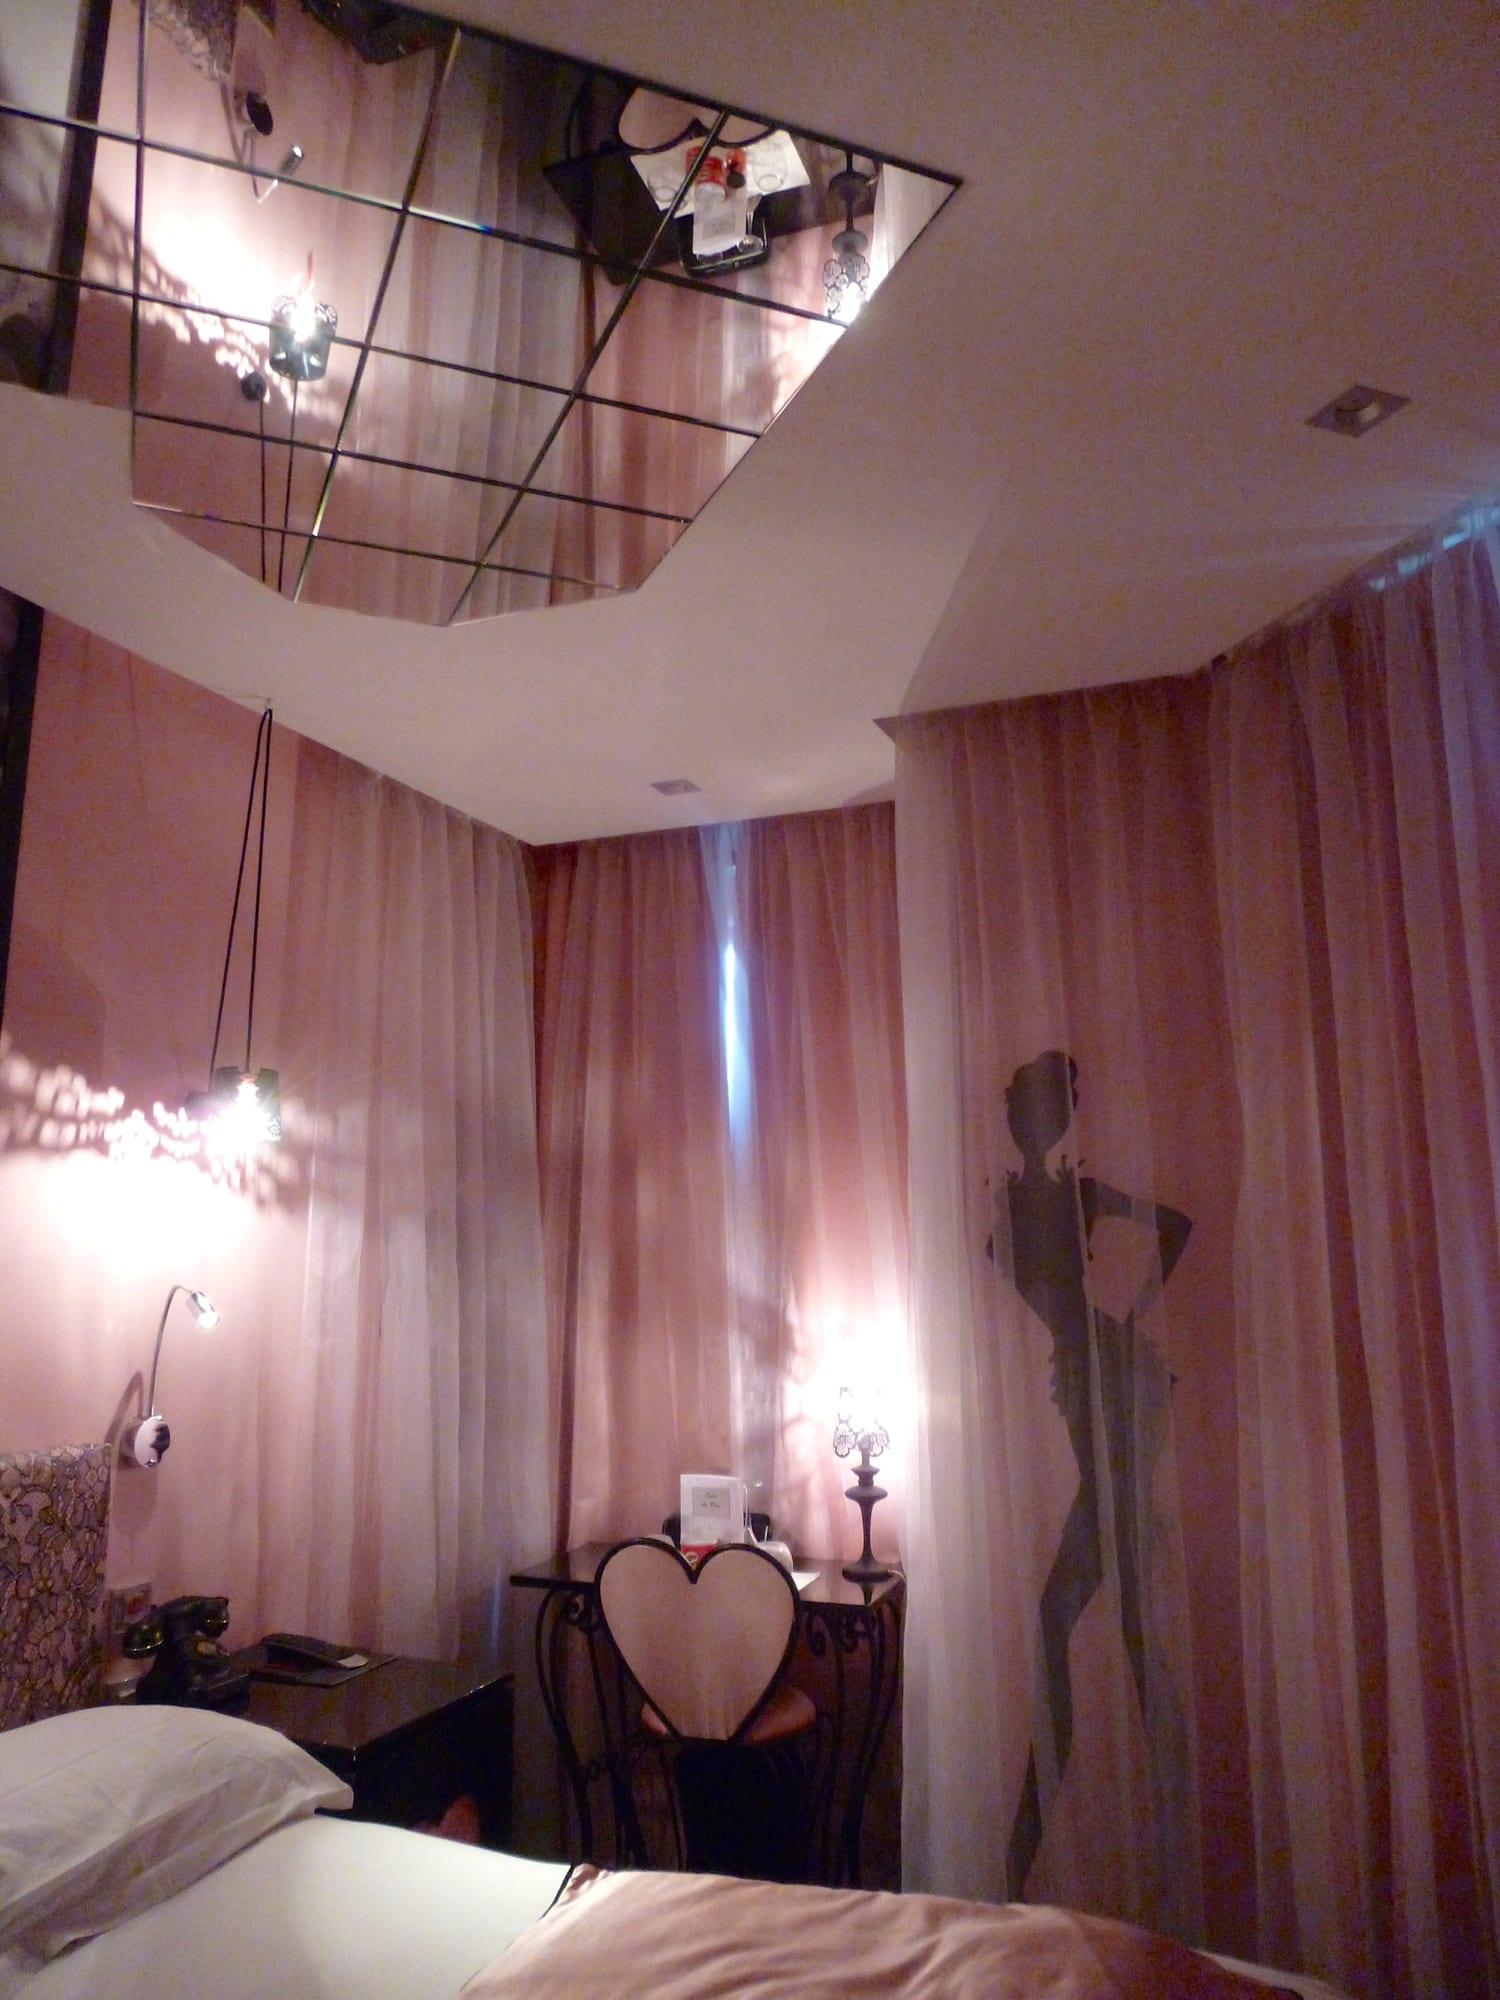 Hotel Paris Miroir Plafond